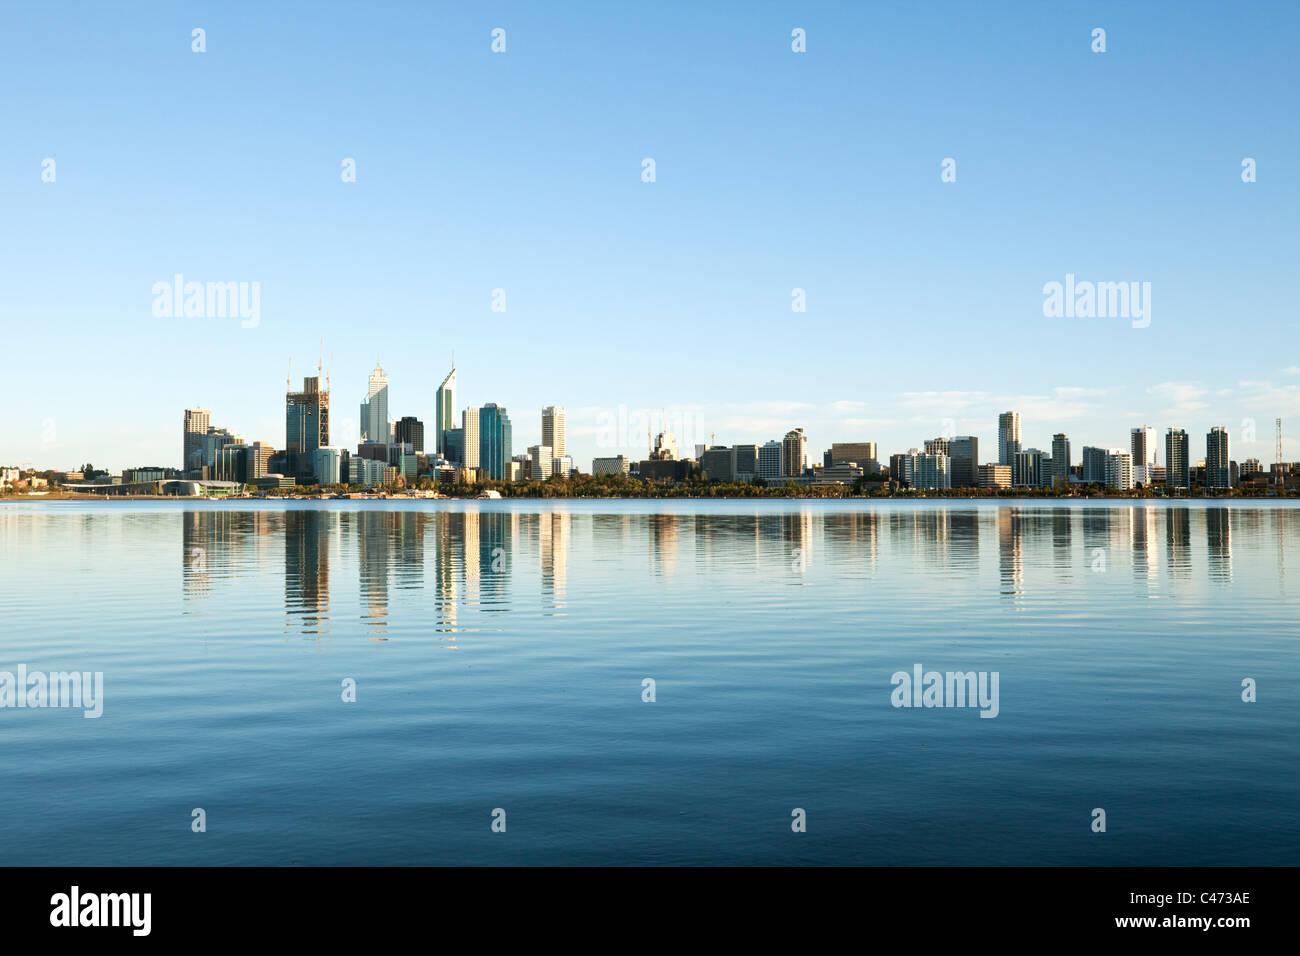 Vue sur la rivière Swan à l'horizon de la ville. Perth, Western Australia, Australia Photo Stock